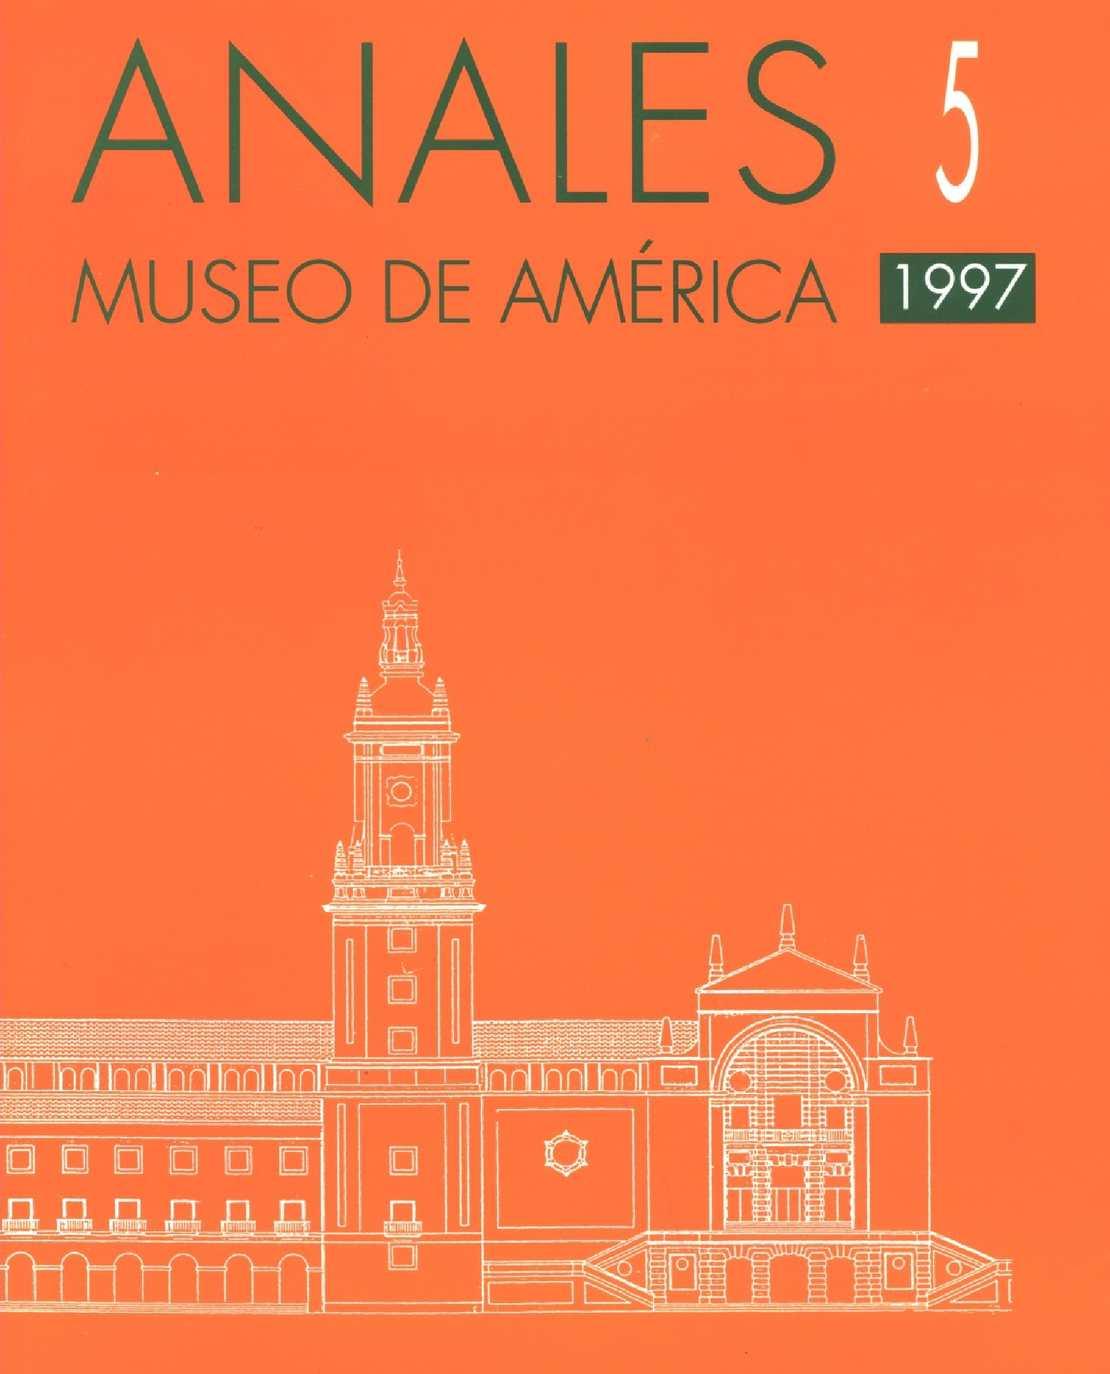 Calaméo - Anales del Museo de América 5 (1997)